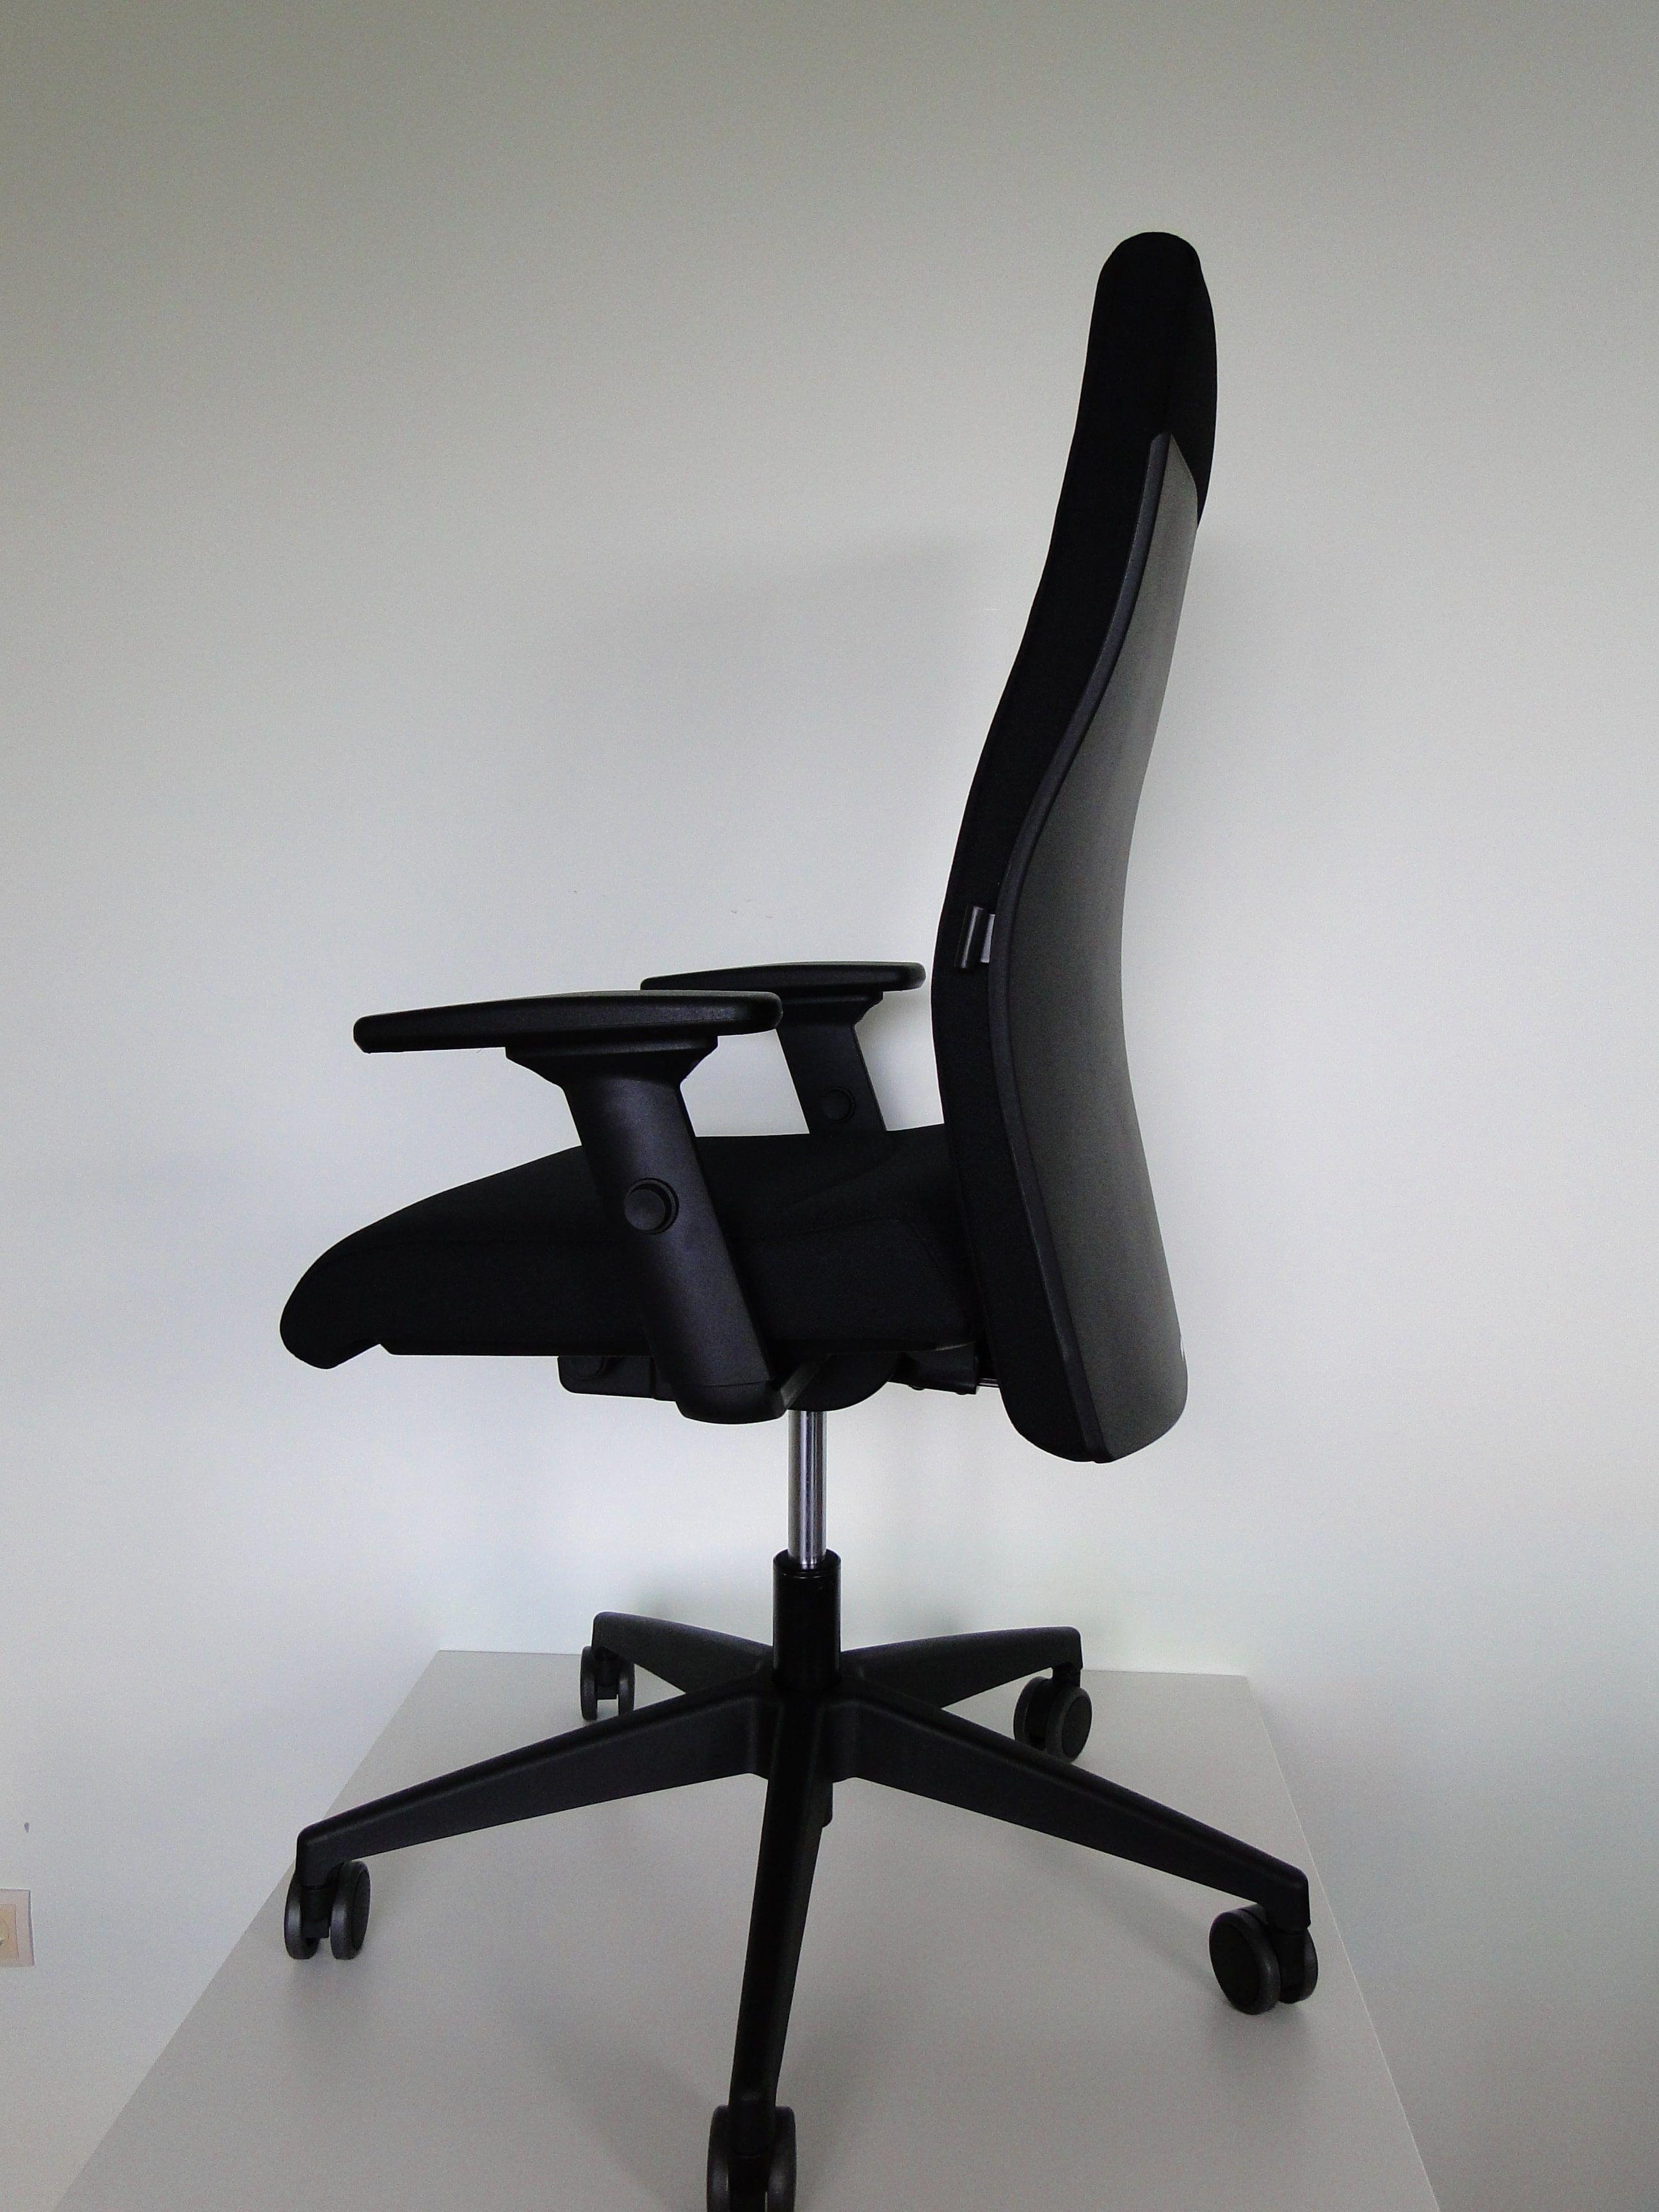 Famos 139RS офисное вращающееся кресло производства немецкой фабрики Interstuhl